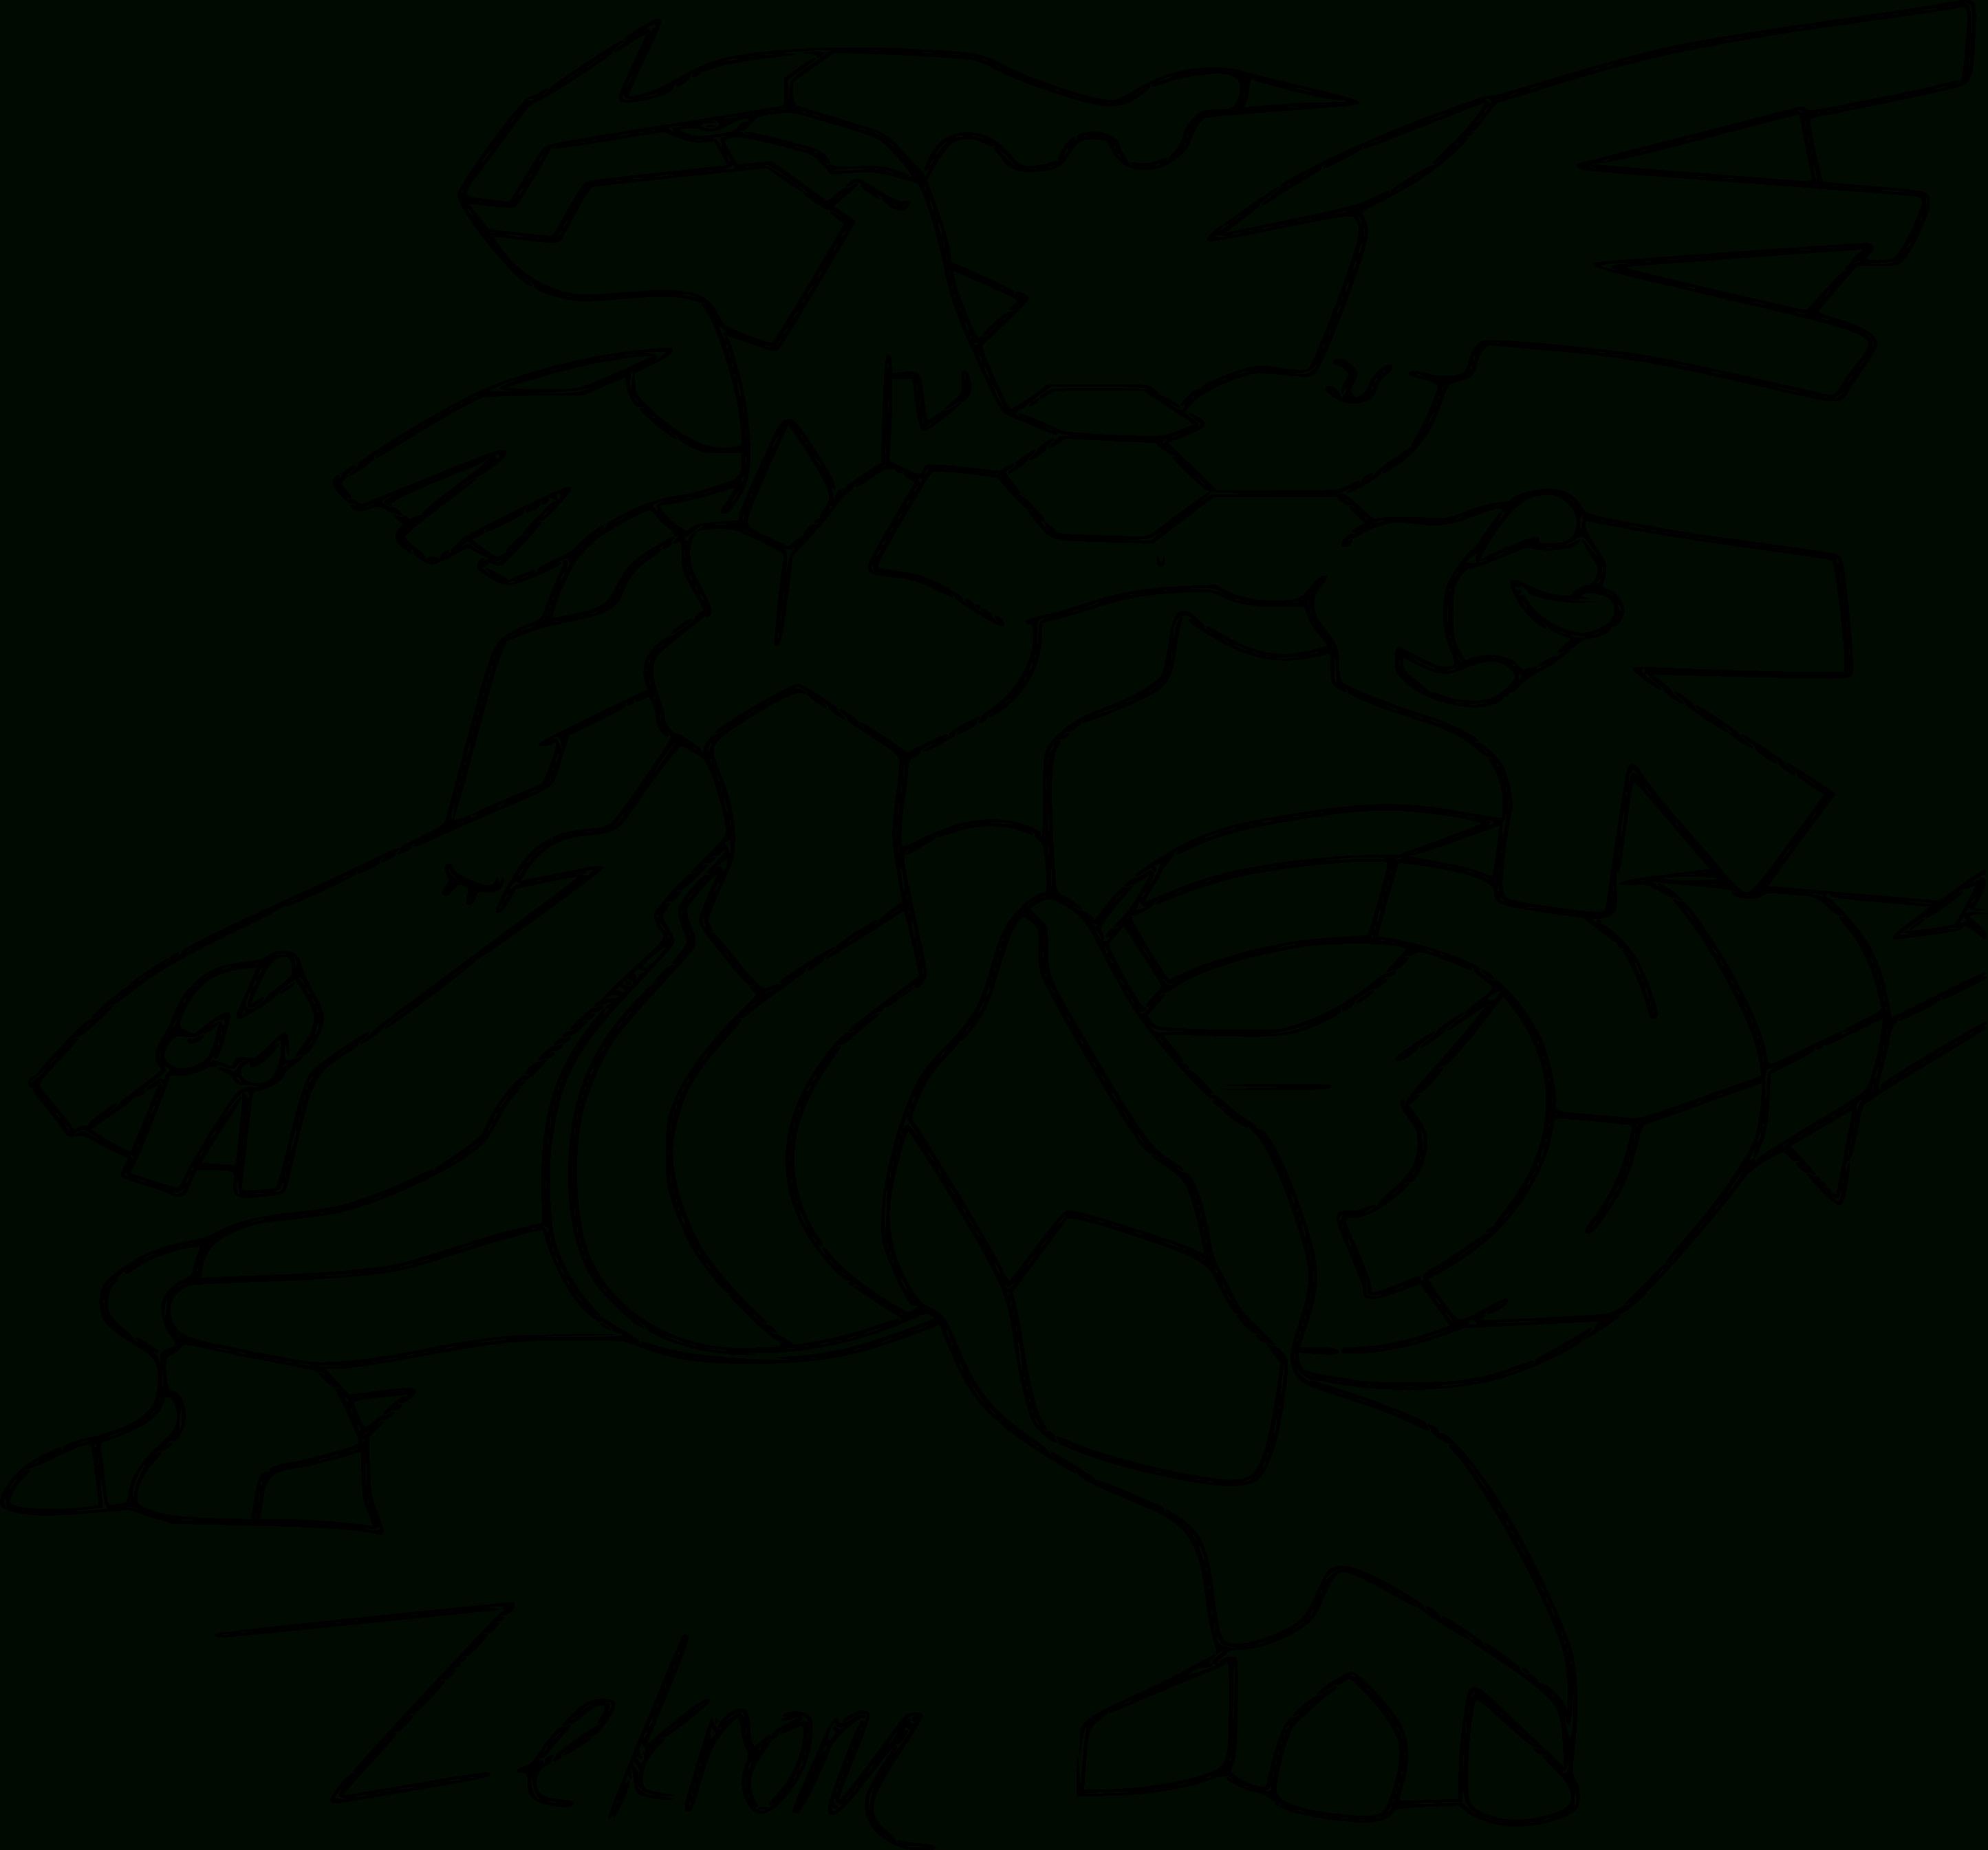 Zekrom : Coloriage Du Pokemon Zekrom À Imprimer Et Colorier intérieur Coloriage Pok?Mon